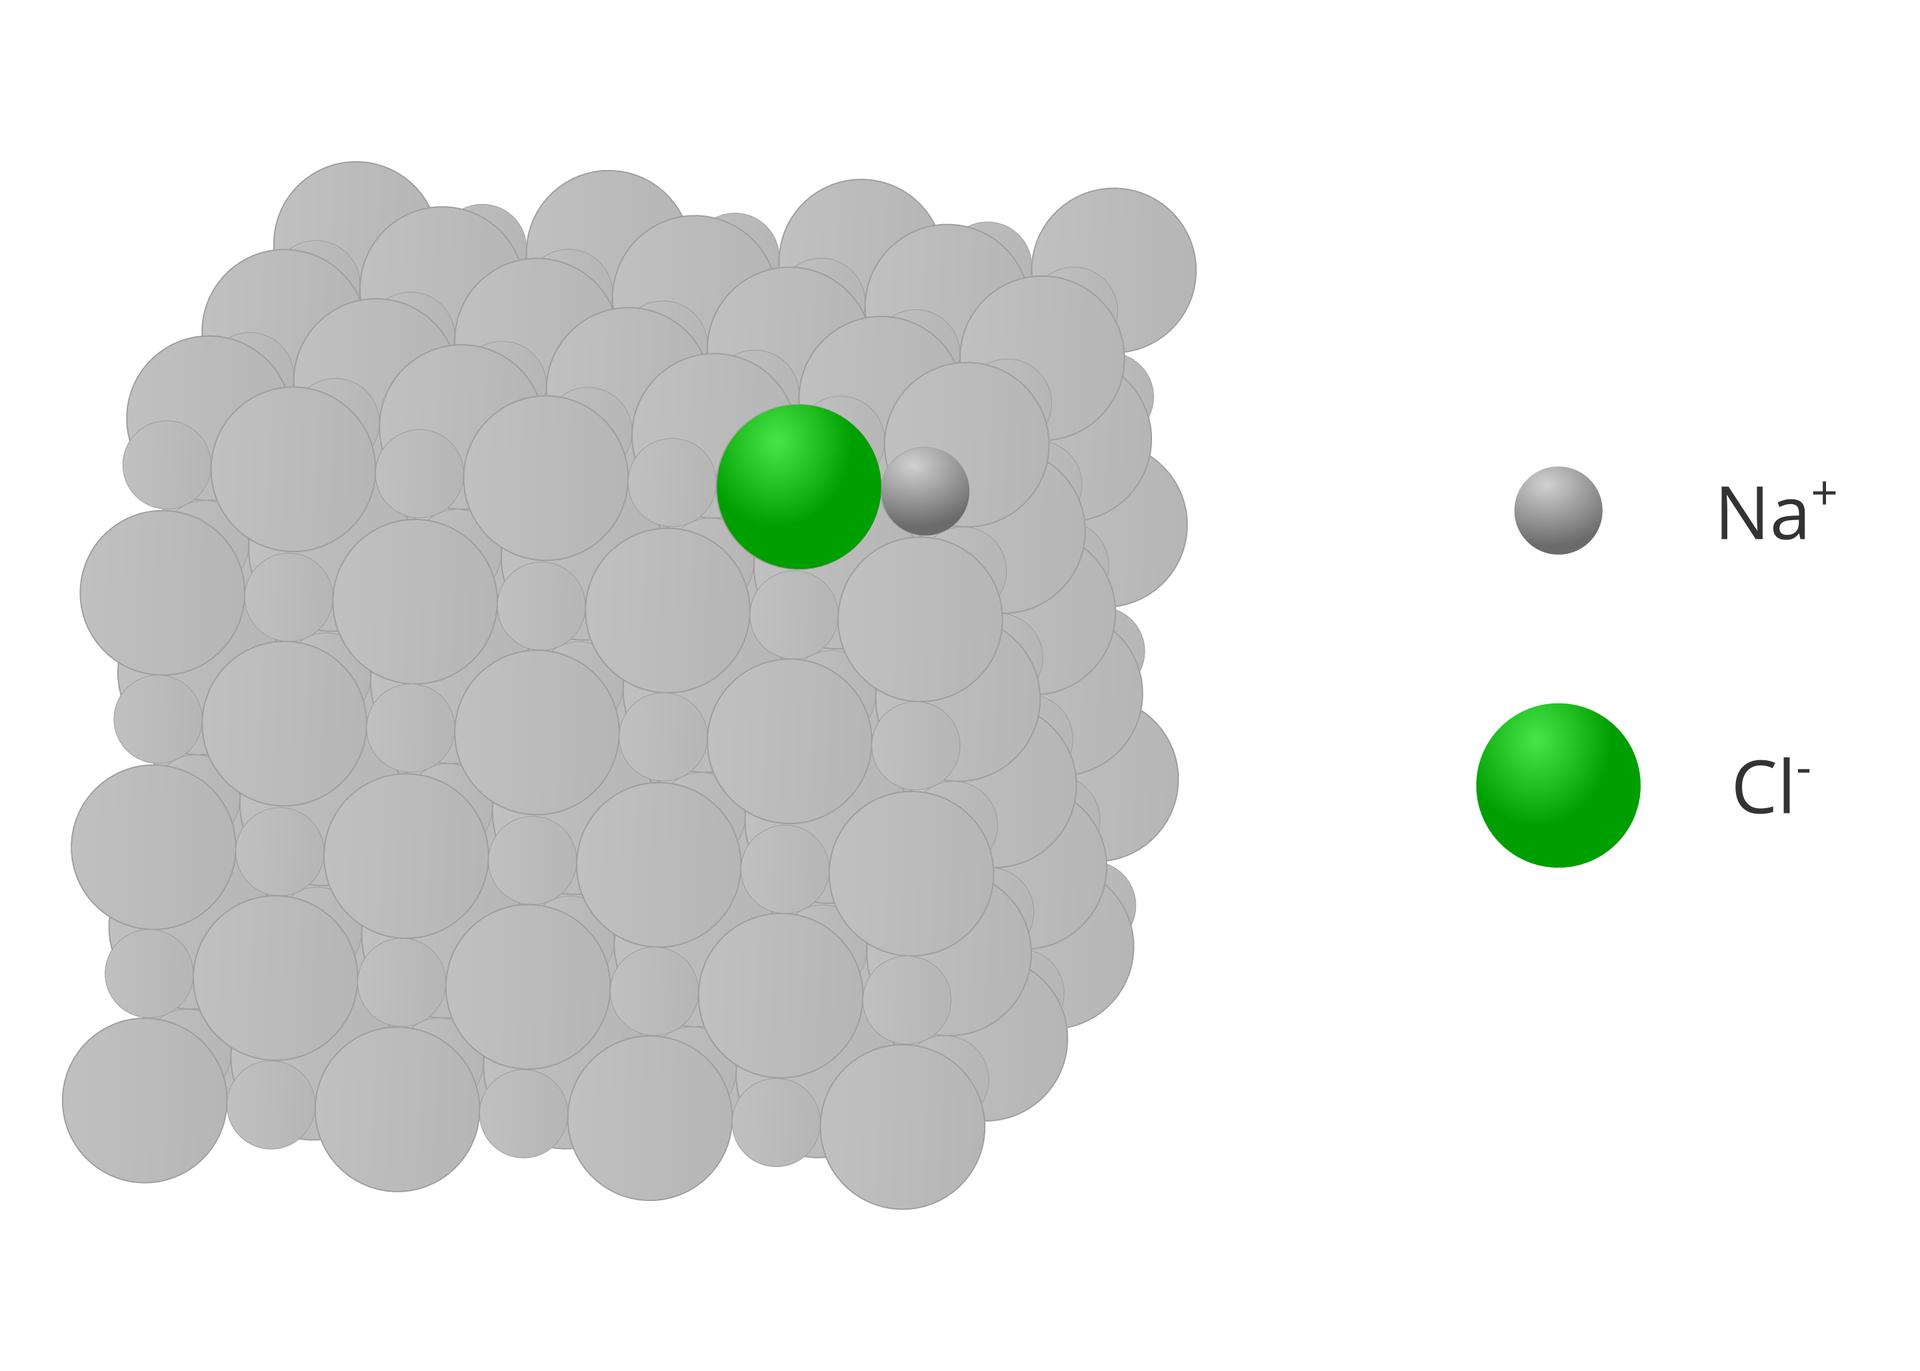 Ilustracja przedstawia wycinek atomowego modelu kryształku chlorku sodu, czyli soli kamiennej. Zlewej strony widoczny jest sześcian składający się zwiększych imniejszych kół złożonych wregularny deseń, które dla większej czytelności obrazka zostały wyszarzone. Jeden anion chlorkowy ijeden kation sodu sąsiadujące ze sobą zostały wyróżnione kolorami, apo prawej stronie znajduje się ich opis zsymbolami Na+ iCl-.